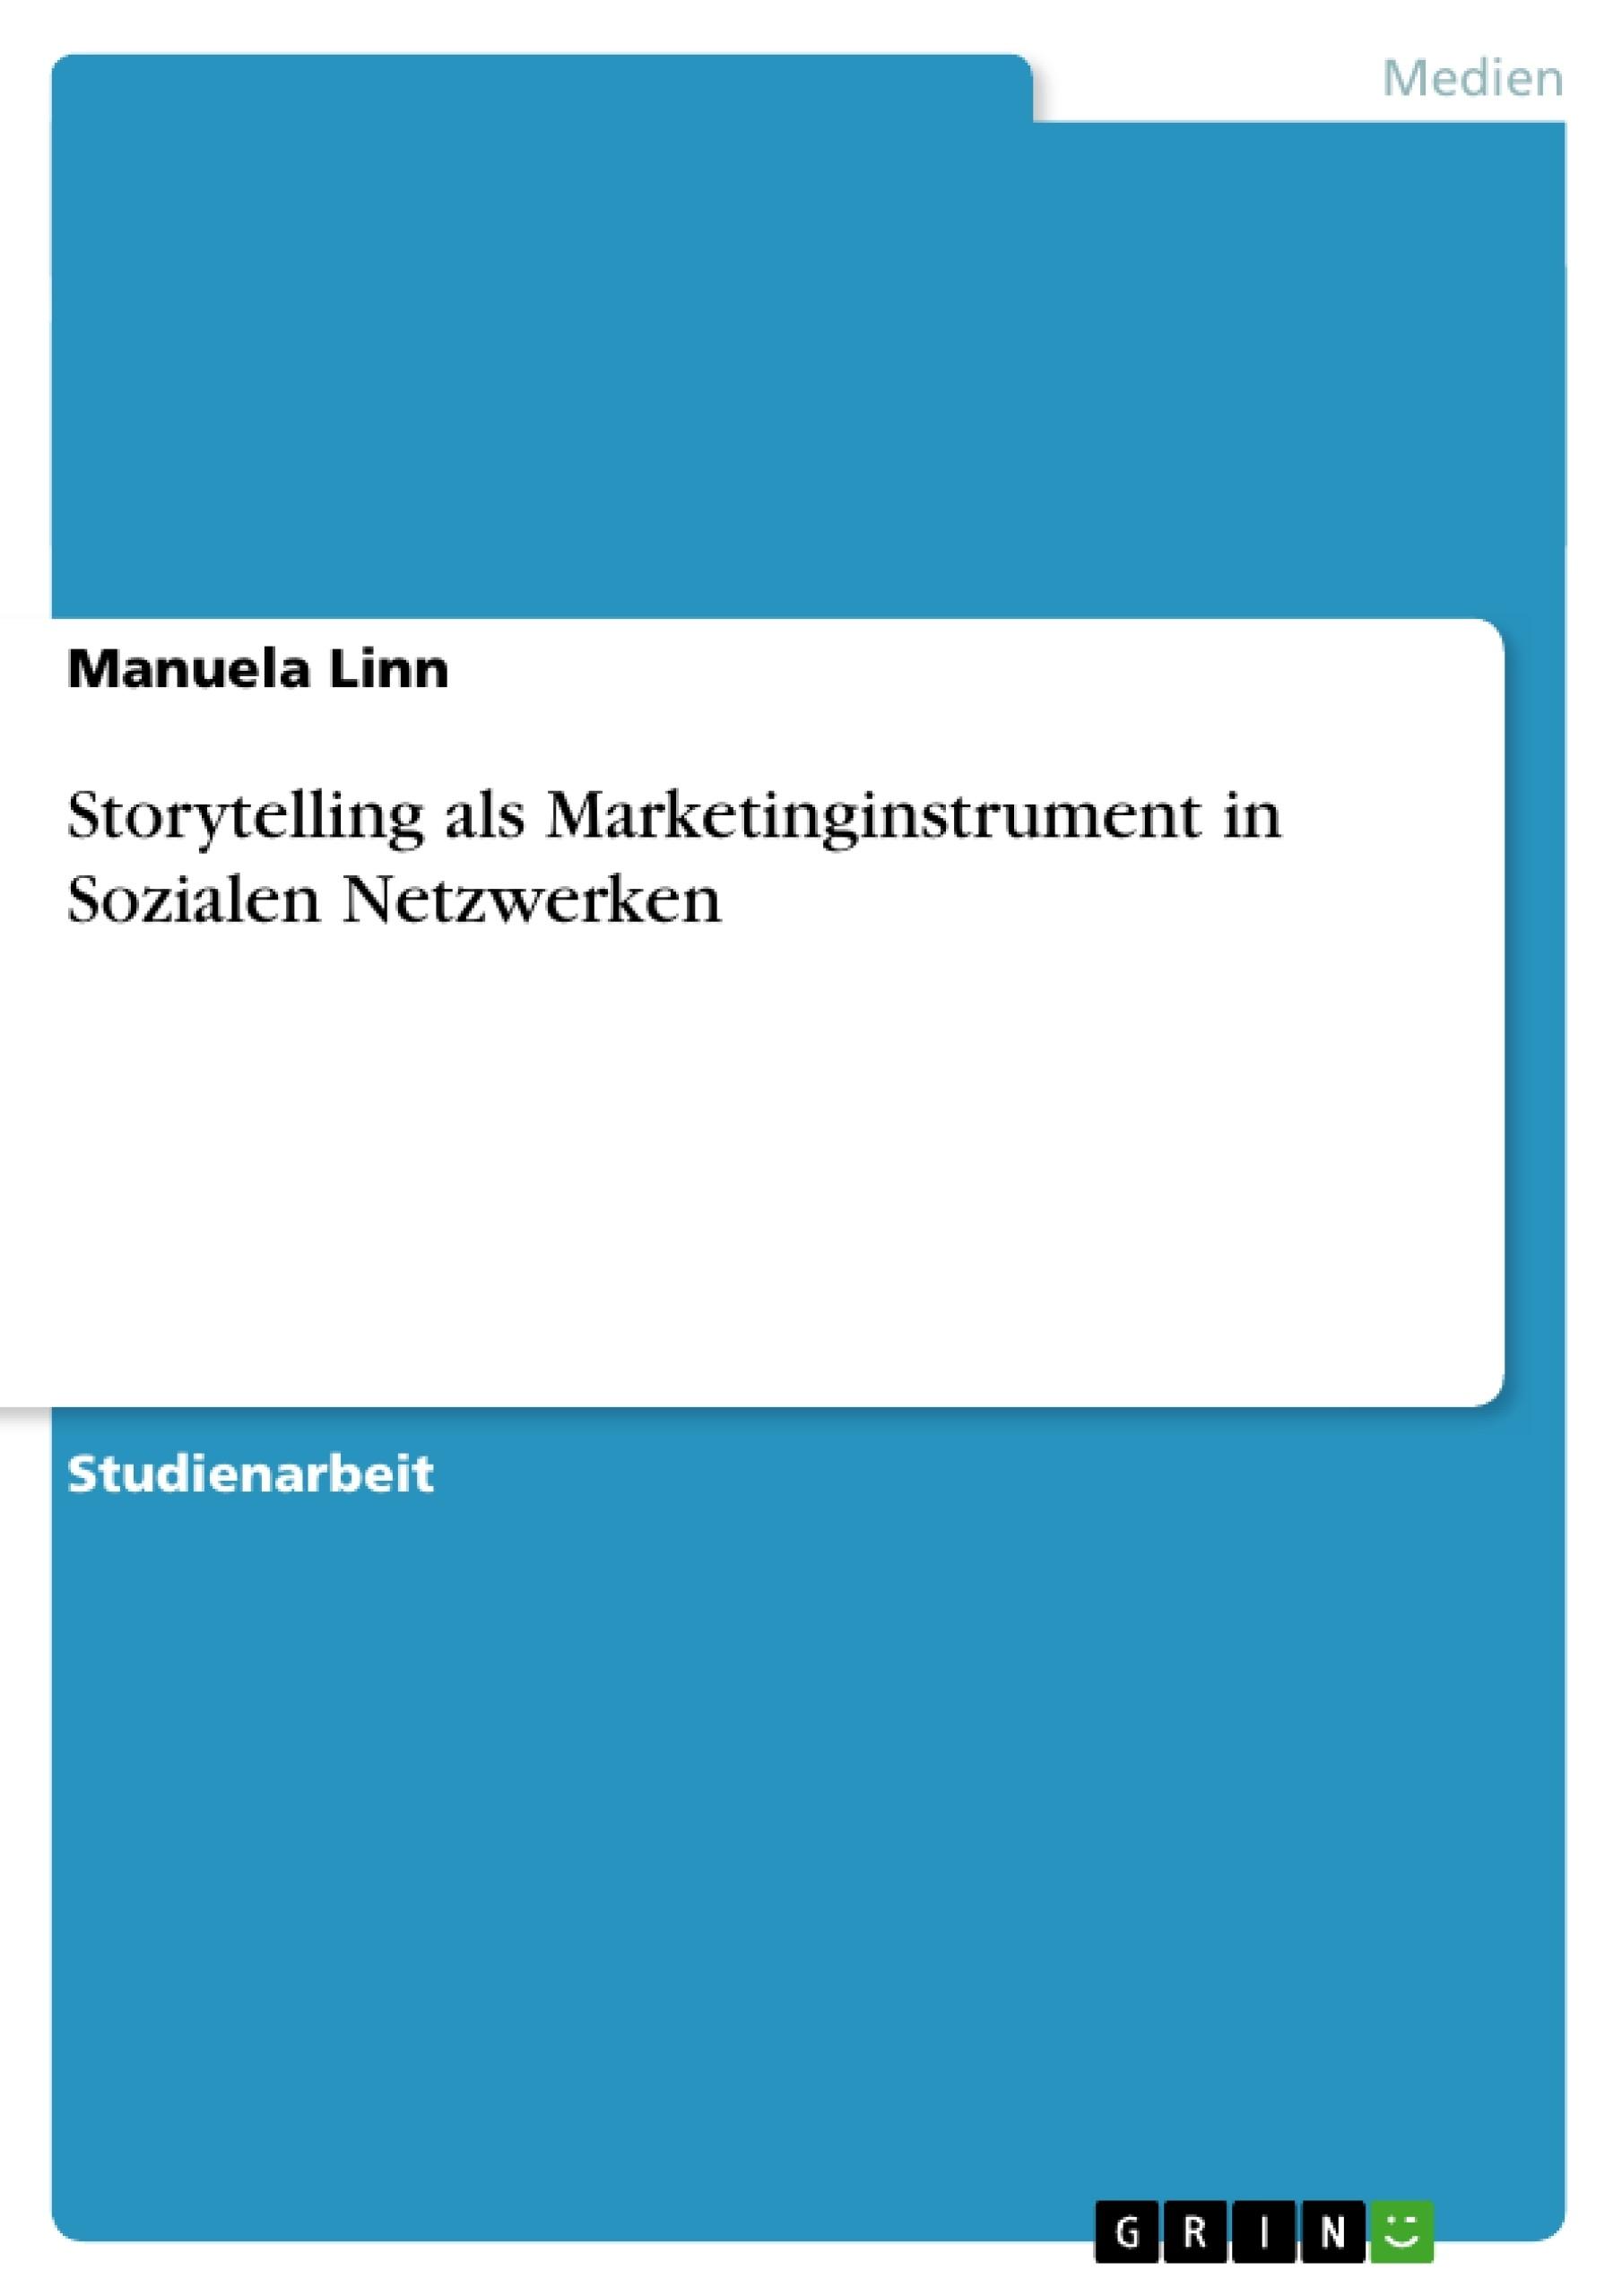 Titel: Storytelling als Marketinginstrument in Sozialen Netzwerken